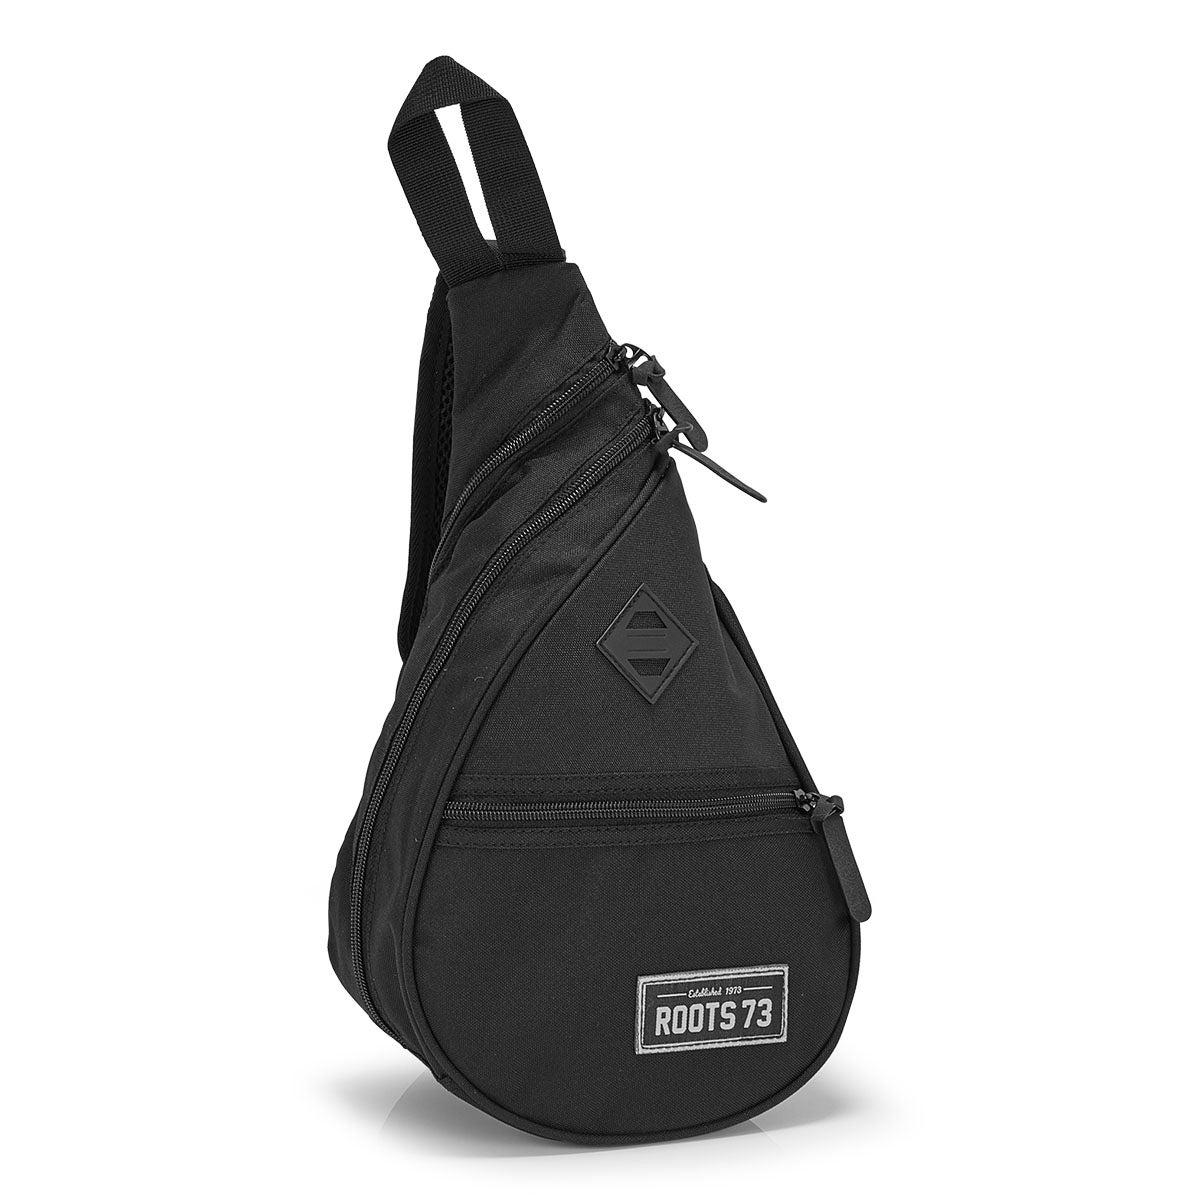 Unisex RTS4516 black backpack